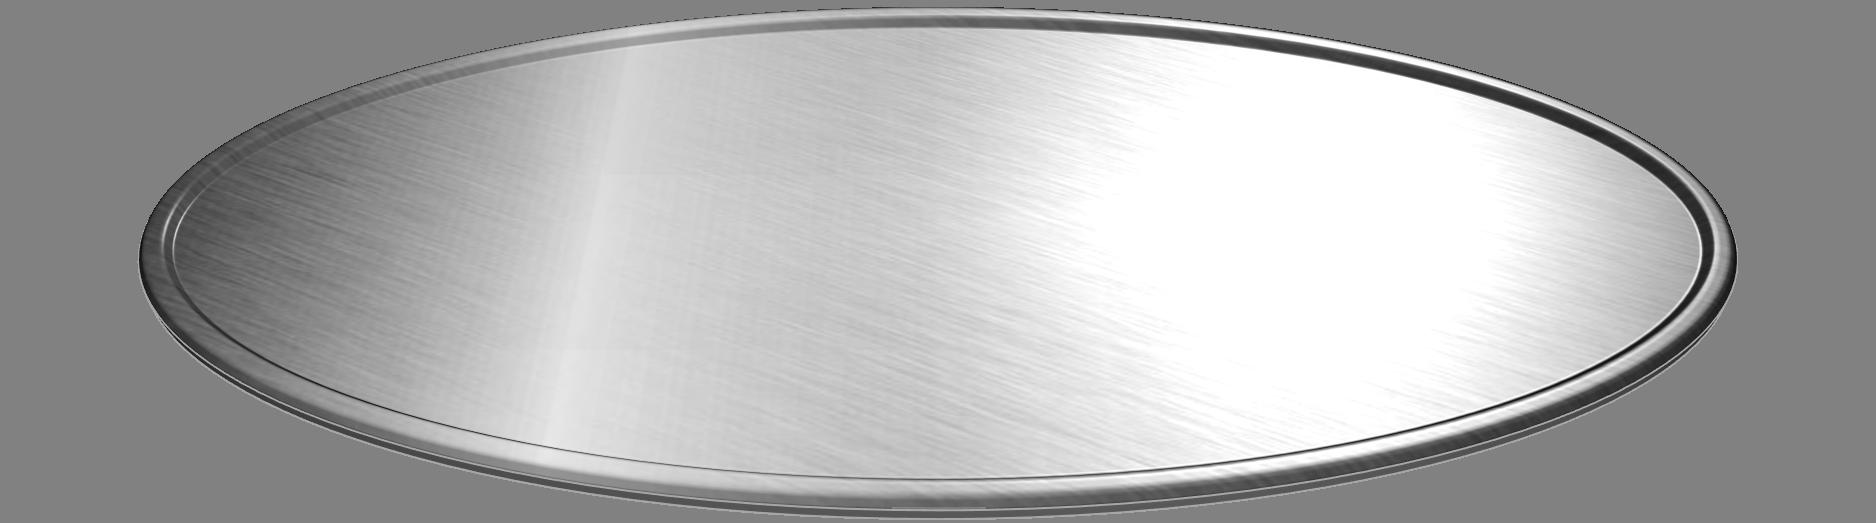 Platter Clipart.